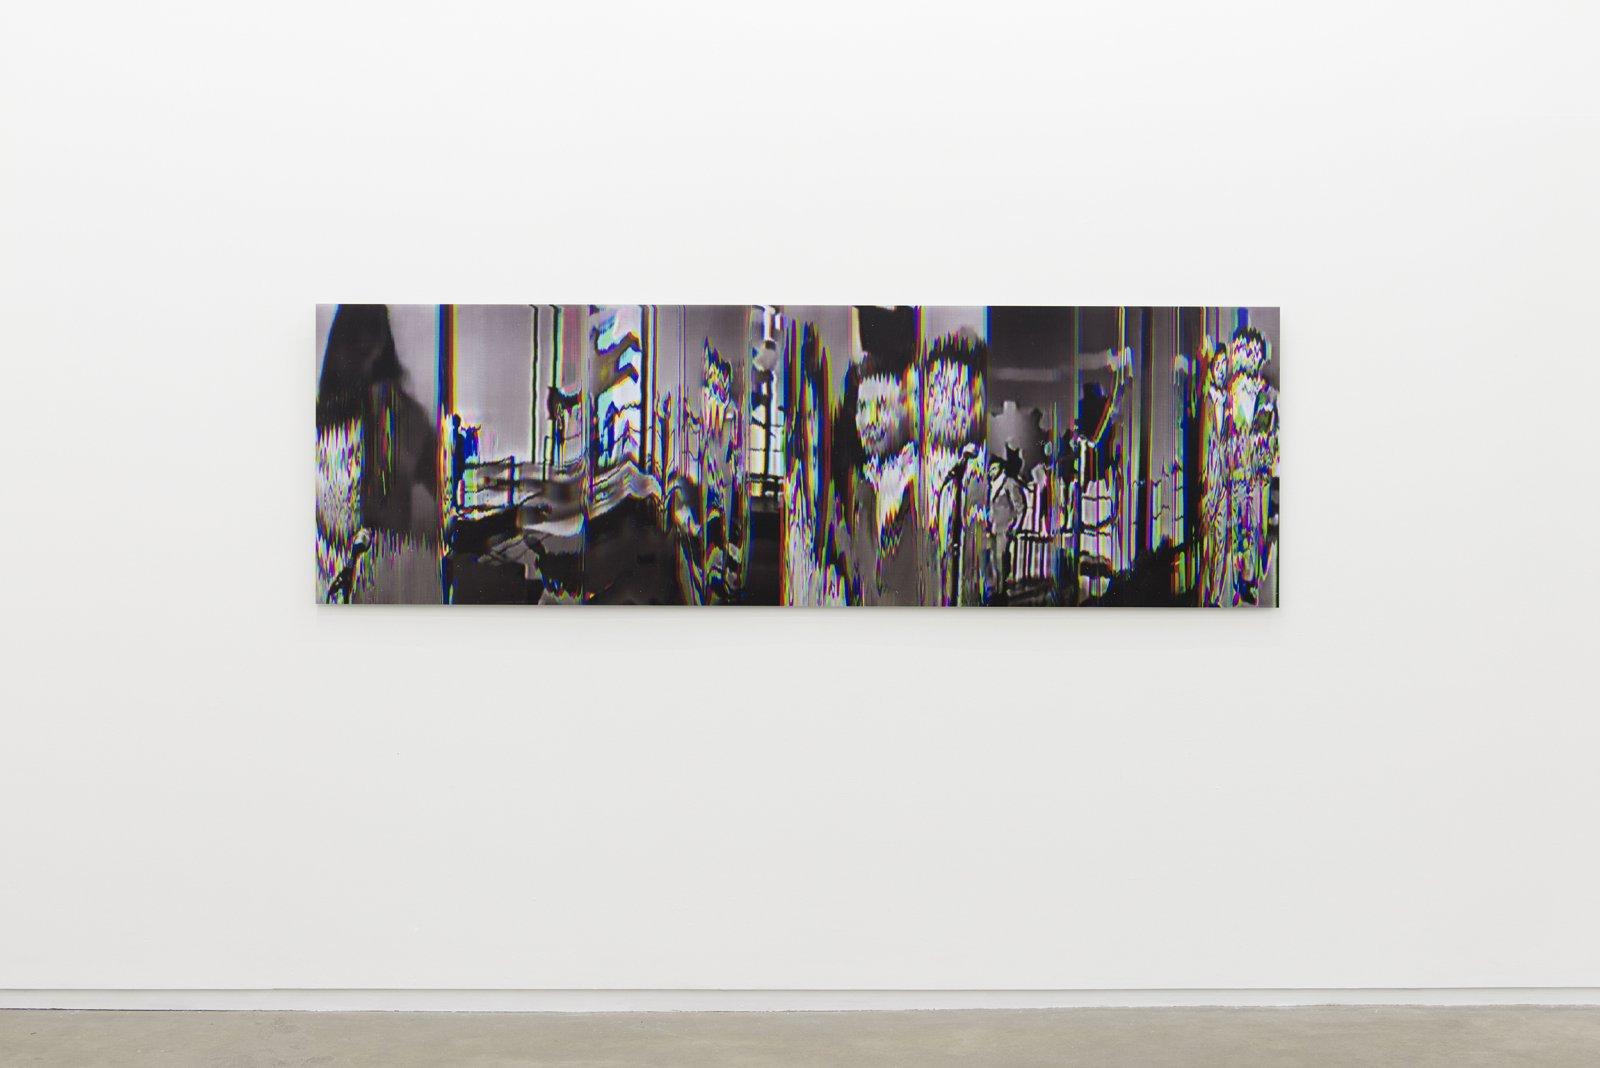 Raymond Boisjoly, Pat & Lolly Vegas (Interval: 1965/2013) Write Me, Baby 01, 2013, screen resolution lightjet print mounted on dibond, 30 x 96 in. (76 x 244 cm)  by Raymond Boisjoly